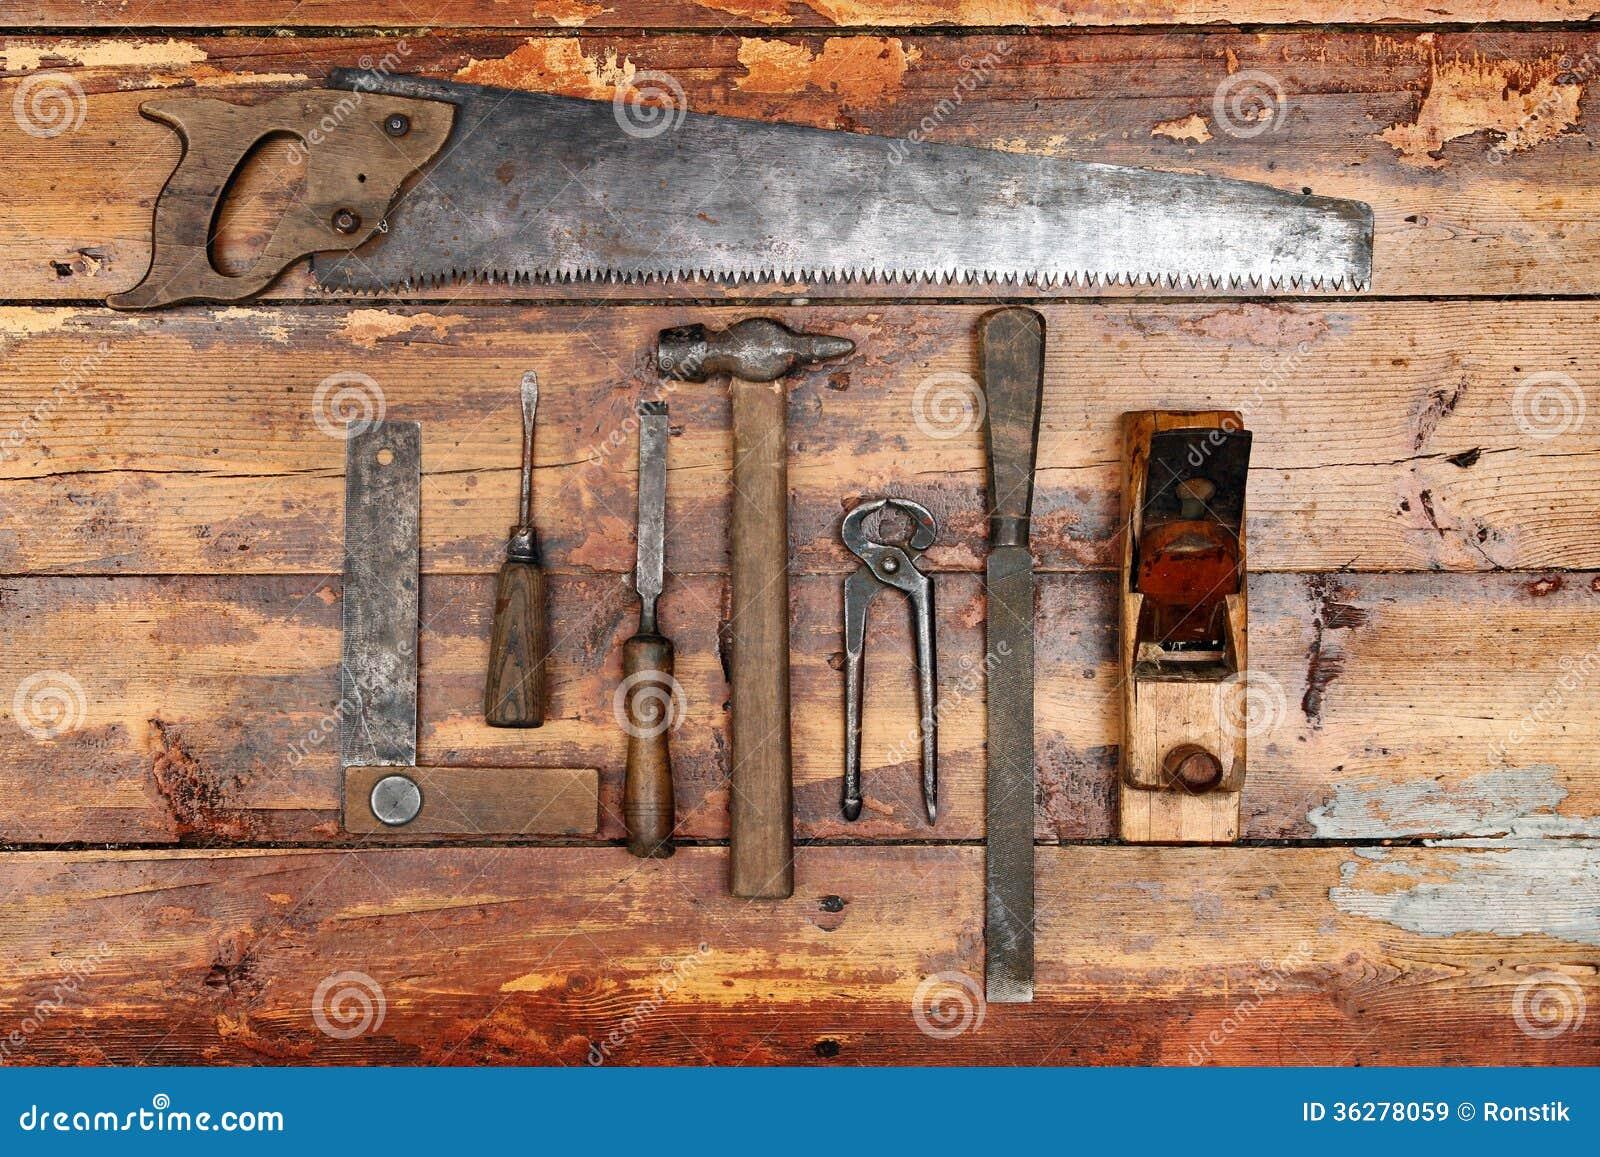 vieux outils de bricolage sur le fond en bois image stock image du m tier wooden 36278059. Black Bedroom Furniture Sets. Home Design Ideas